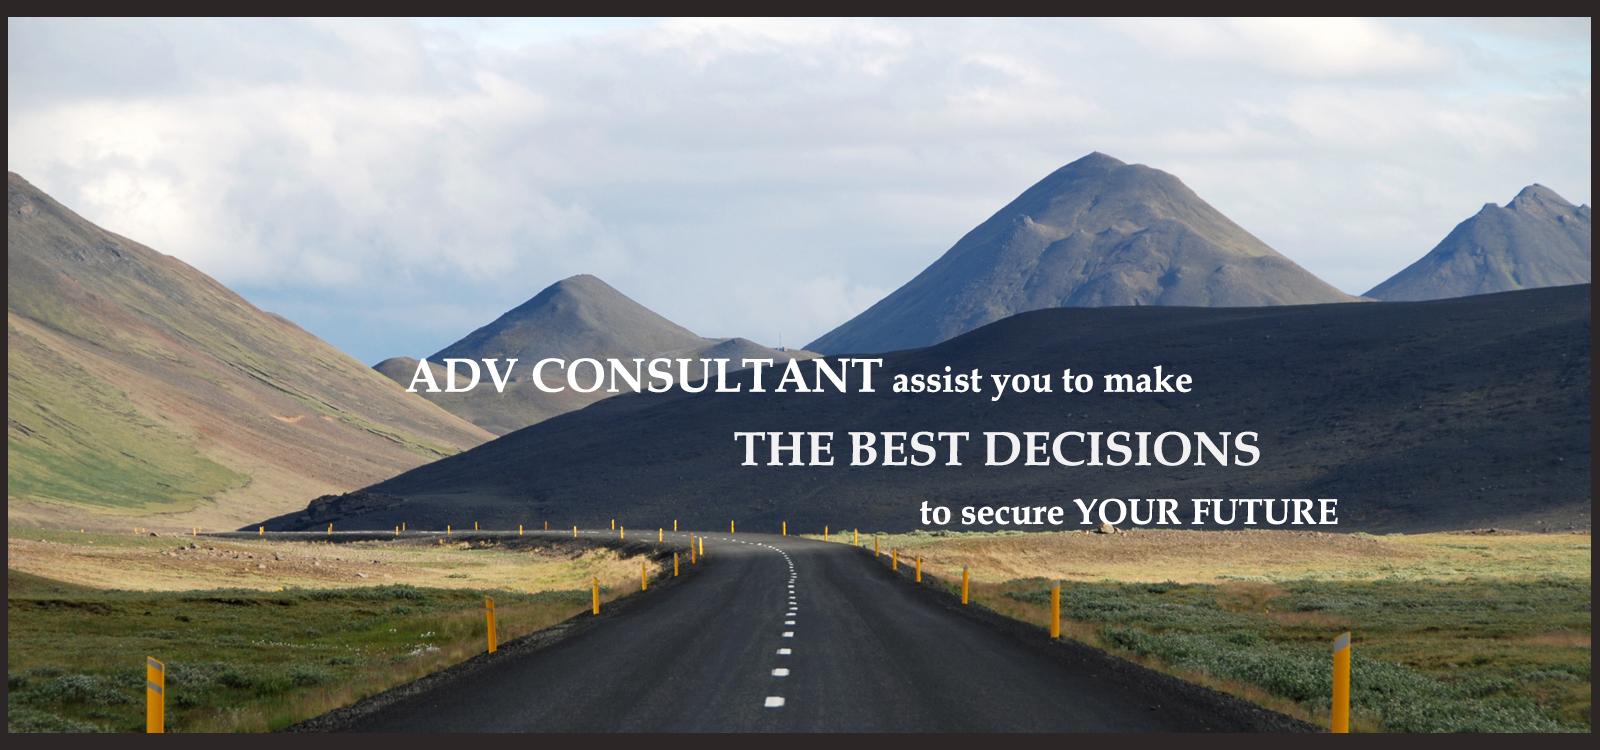 ADV Consultant